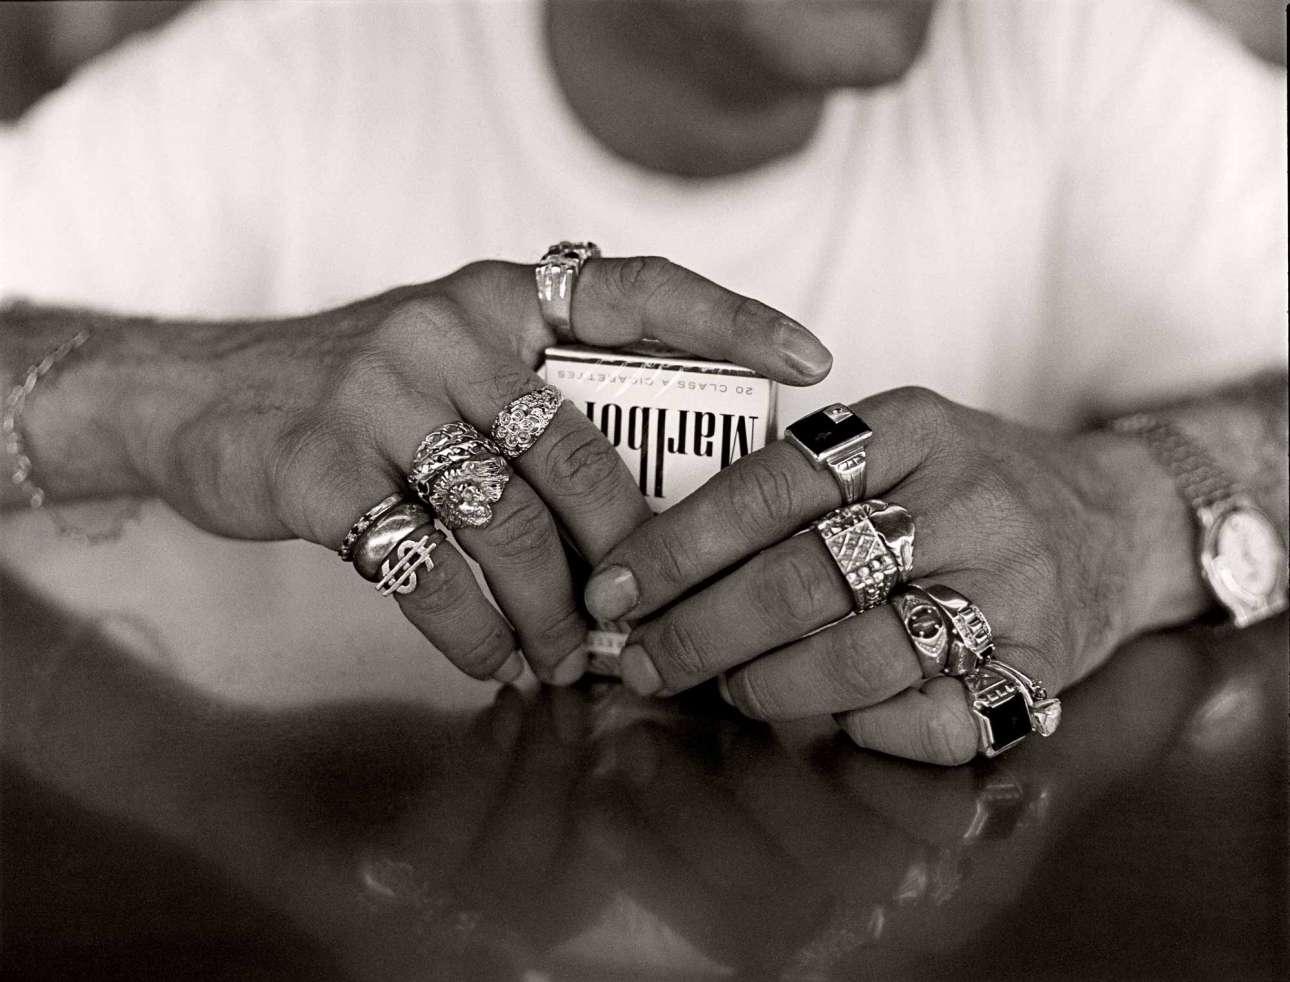 Δάχτυλα που «κιτρίνισαν» από τον χρυσό και όχι από το τσιγάρο. Σάουθ Μπιτς, 1990